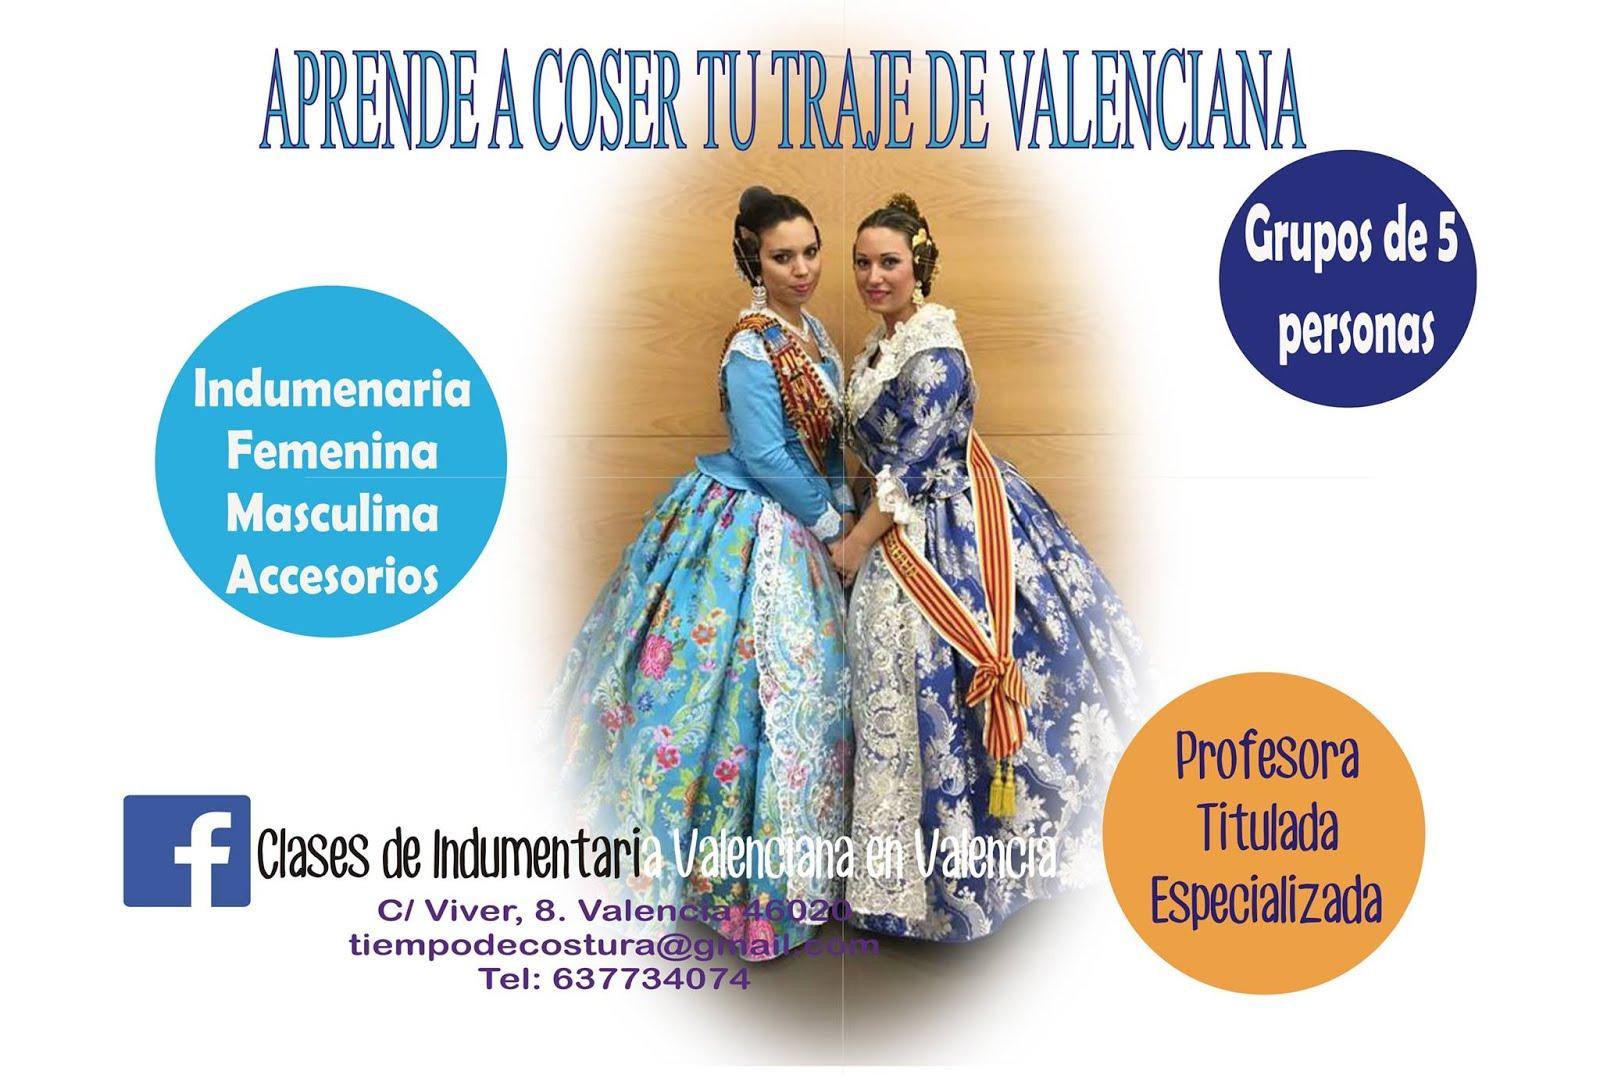 CLASES DE INDUMENTARIA VALENCIANA